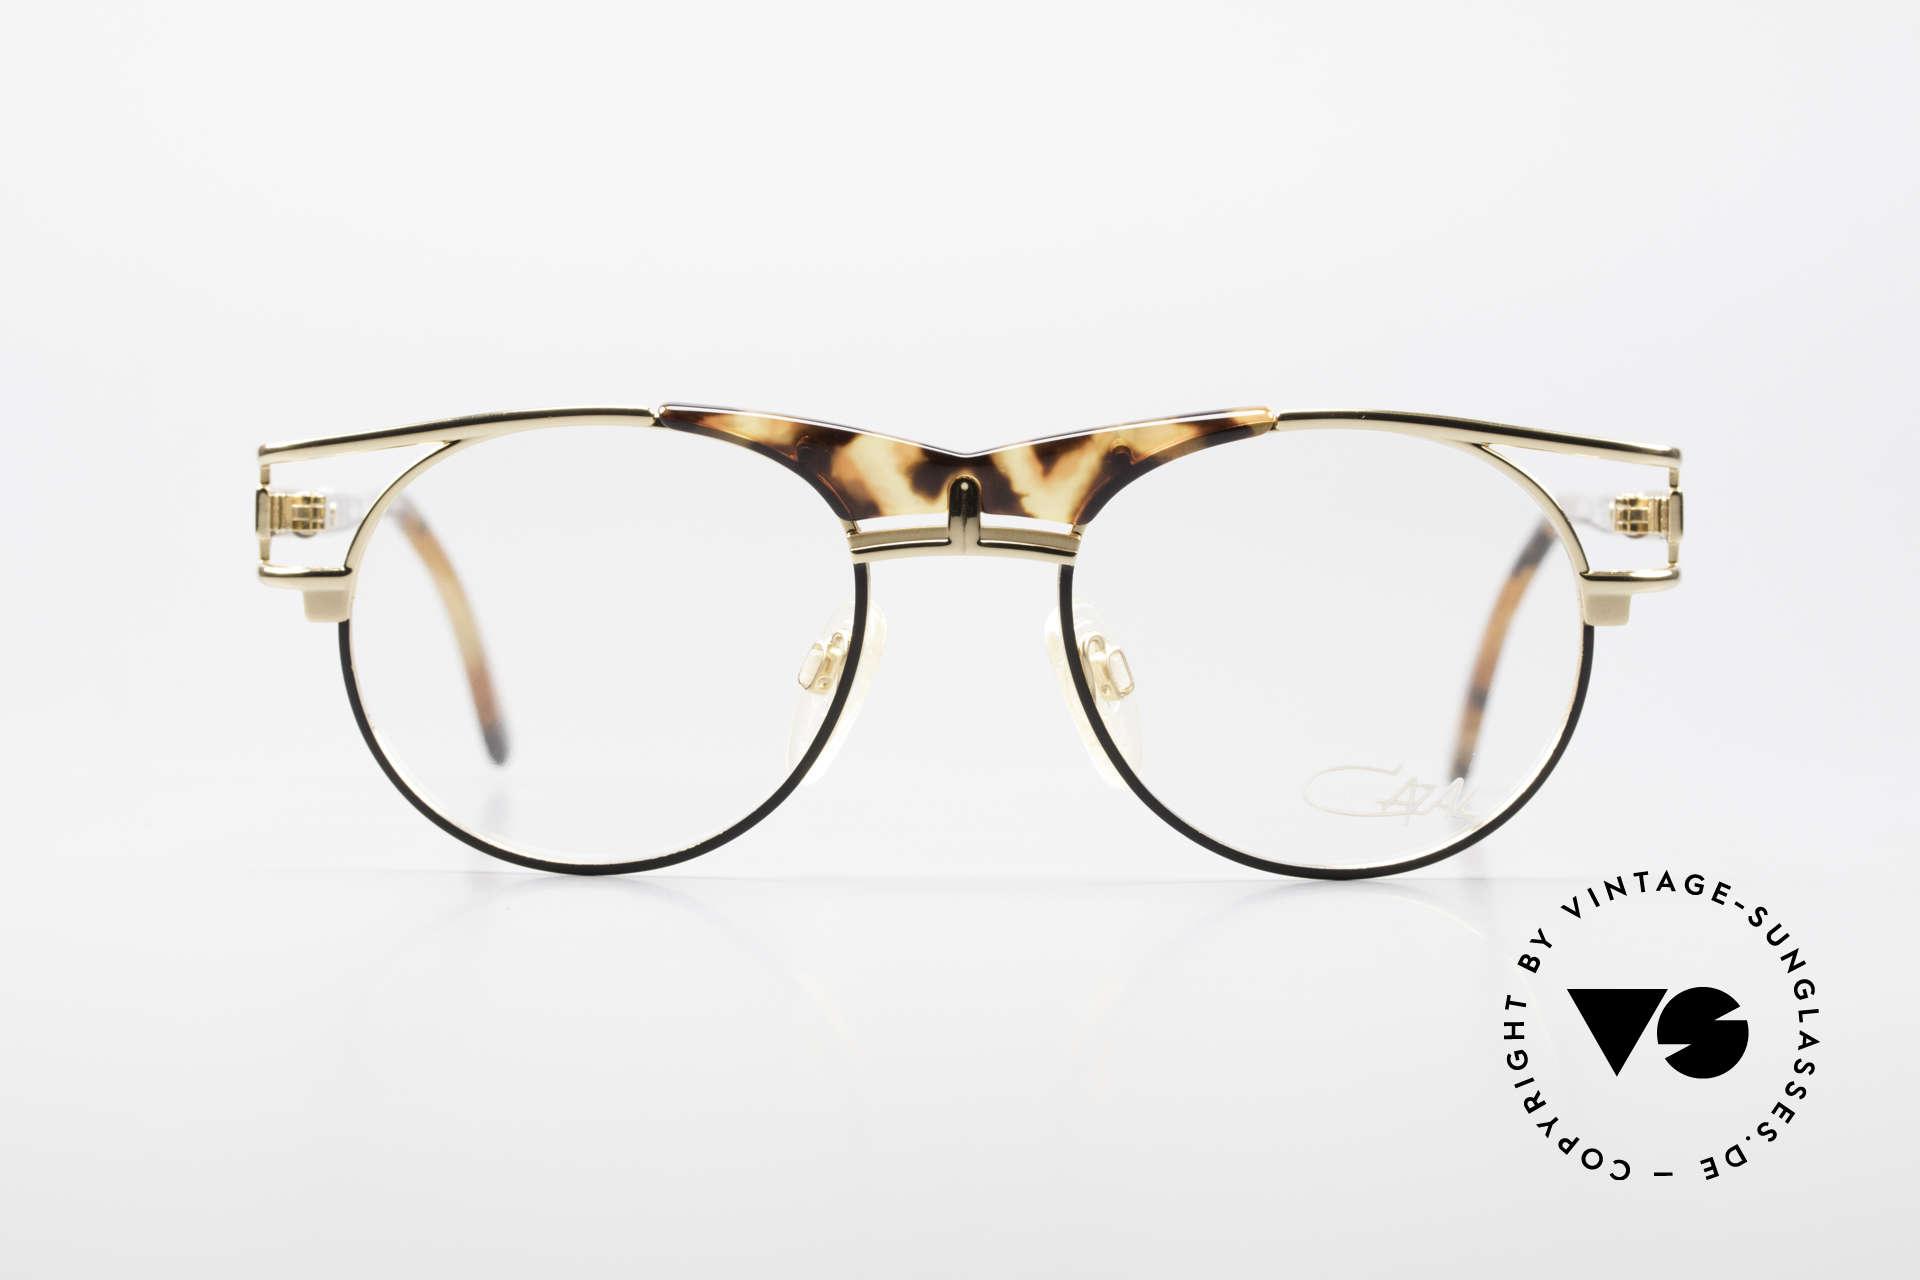 Cazal 244 90er Vintage Brille Panto Stil, absolute Top-Qualität und hoher Tragekomfort, Passend für Herren und Damen